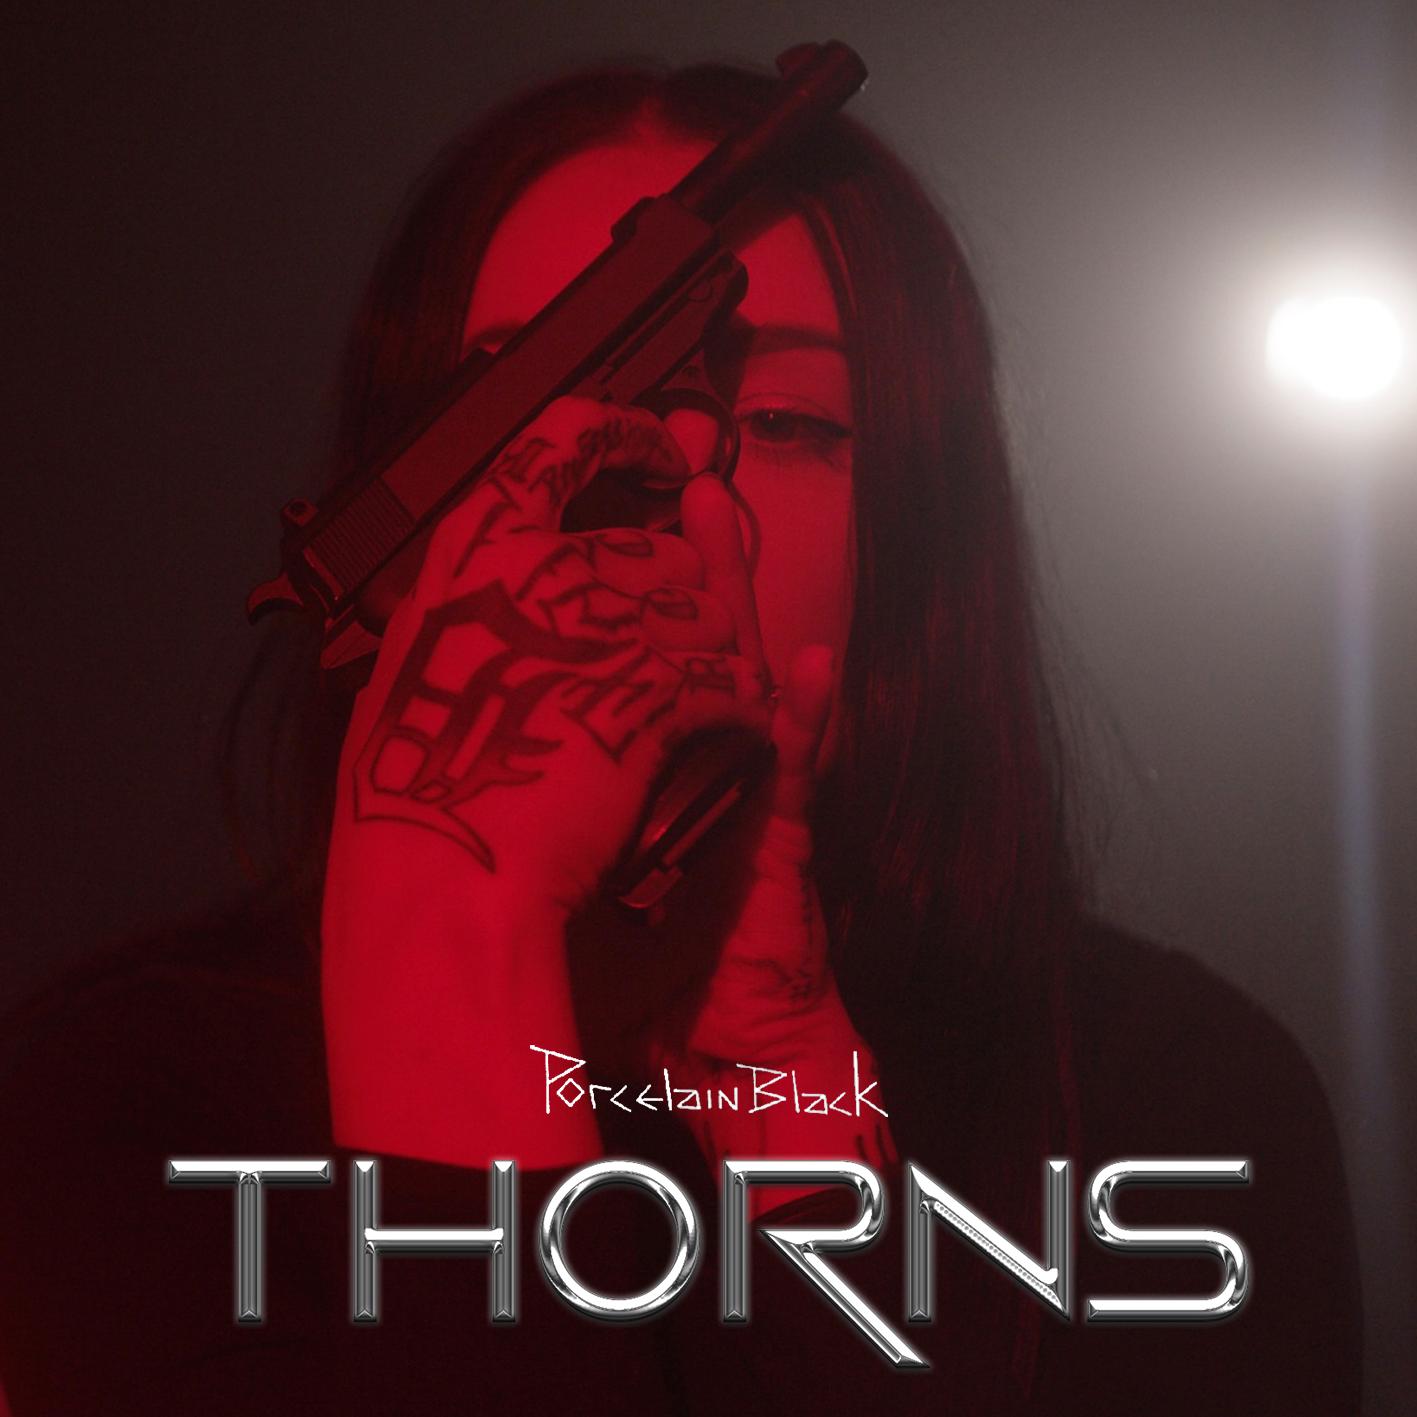 porcelain-black-thorns-ep-v2.png